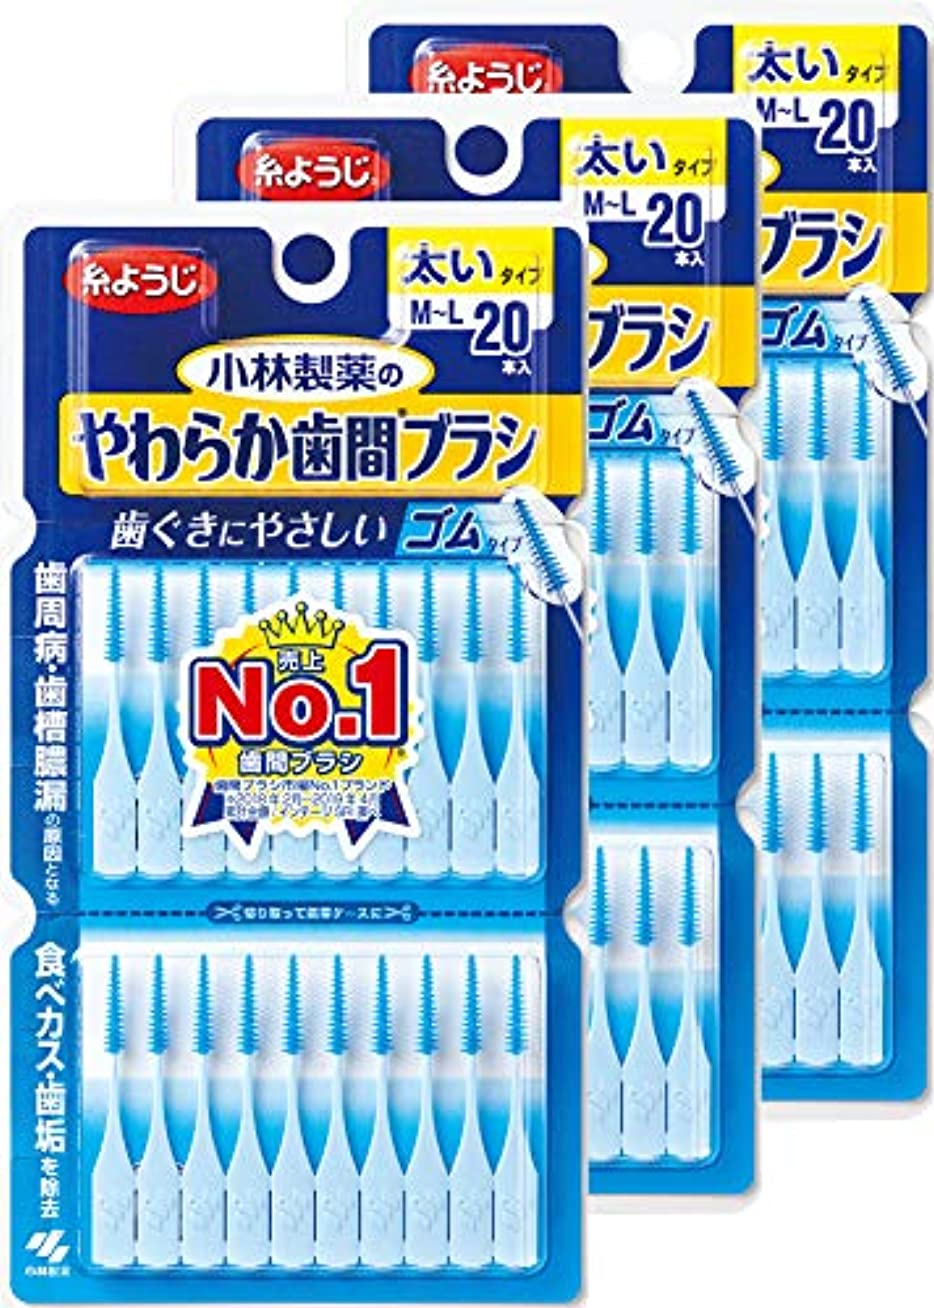 オリエンタル塗抹れる【まとめ買い】小林製薬のやわらか歯間ブラシ 太いタイプ M-Lサイズ 20本 ゴムタイプ×3個